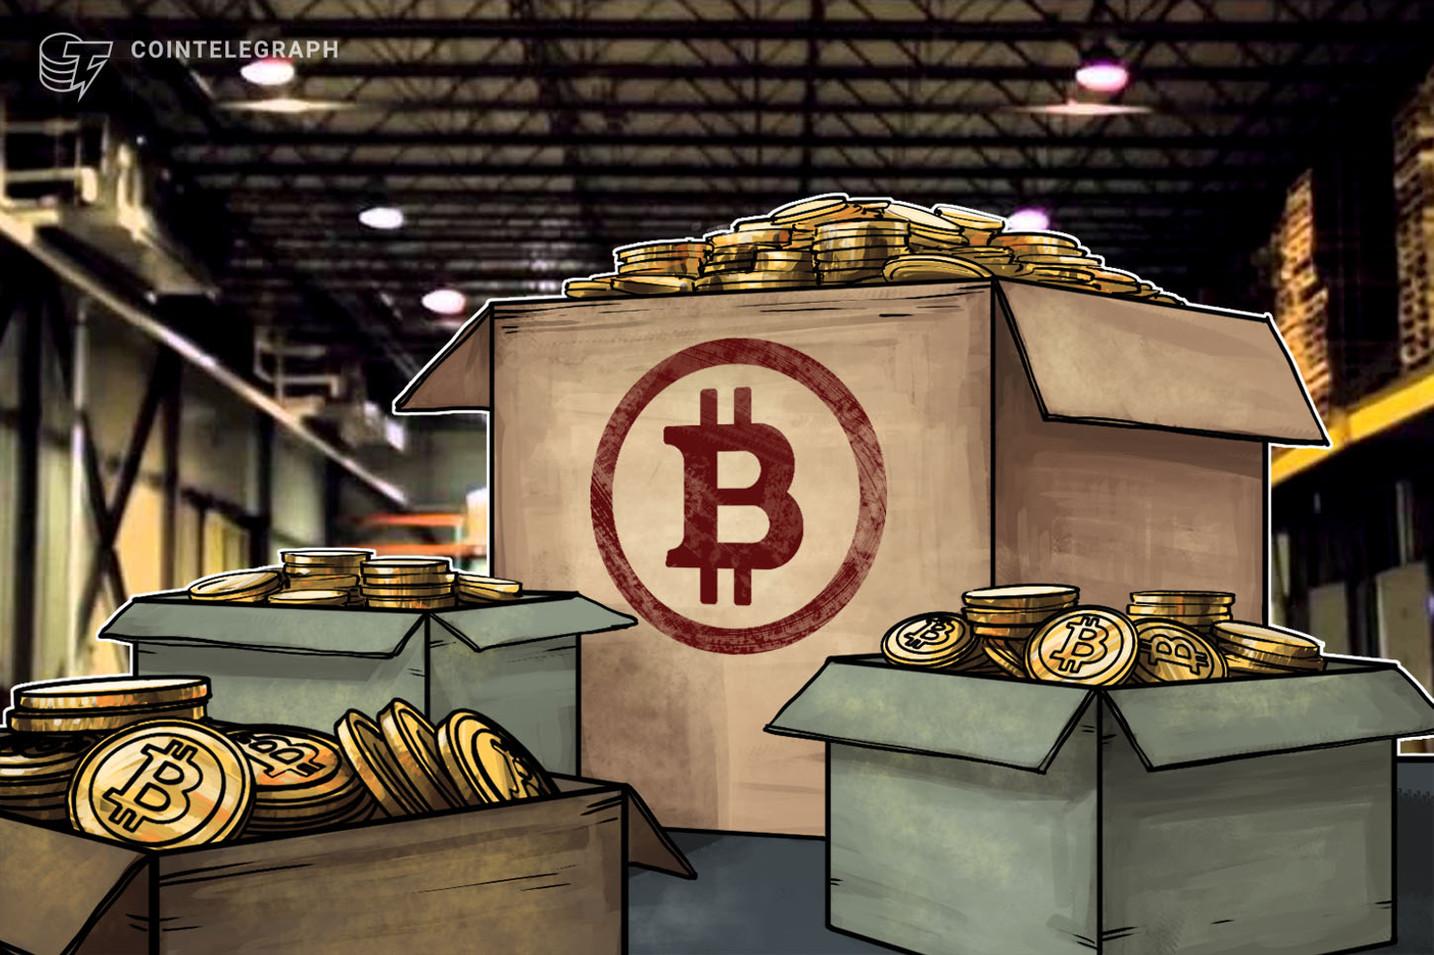 仮想通貨ビットコインとイーサの蓄積、9大取引所調査で違いが鮮明に【ニュース】